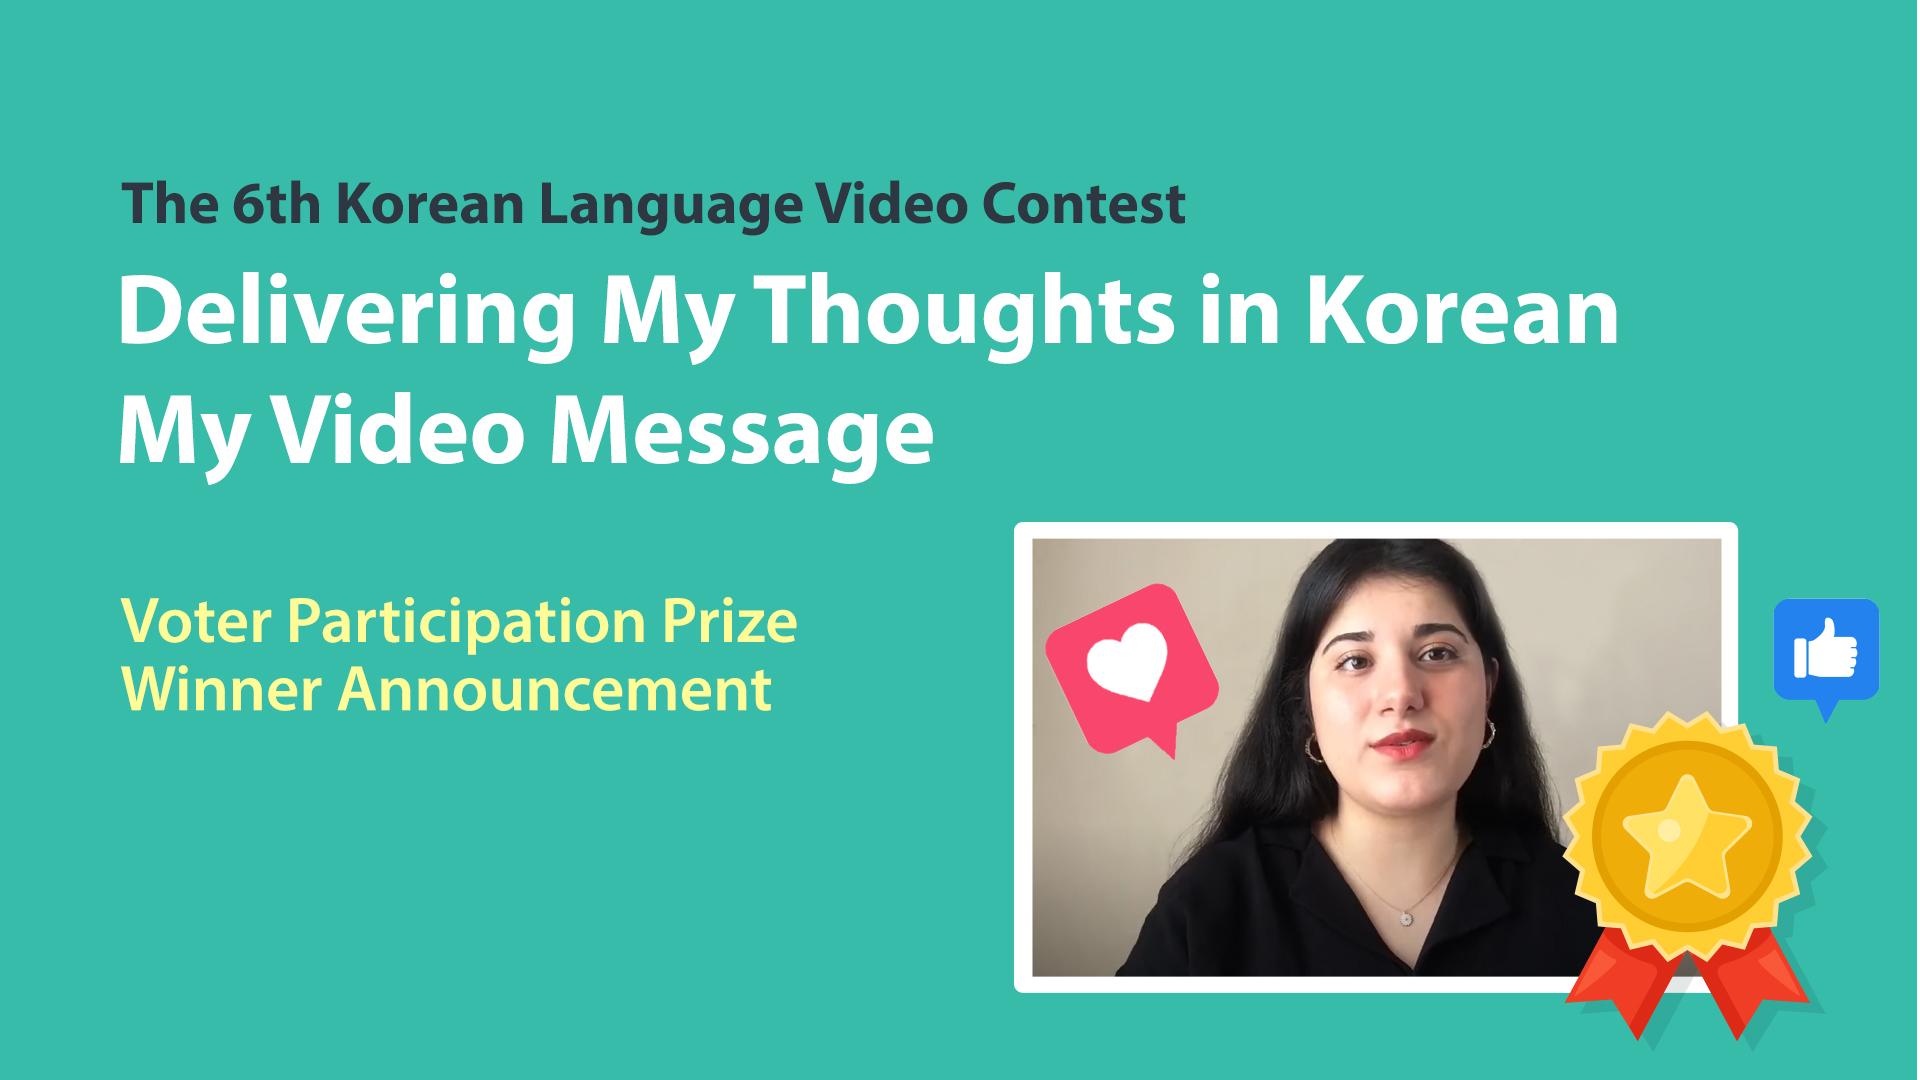 제6회 한국어 말하기 동영상 공모전 - 인기상 투표결과 - EN